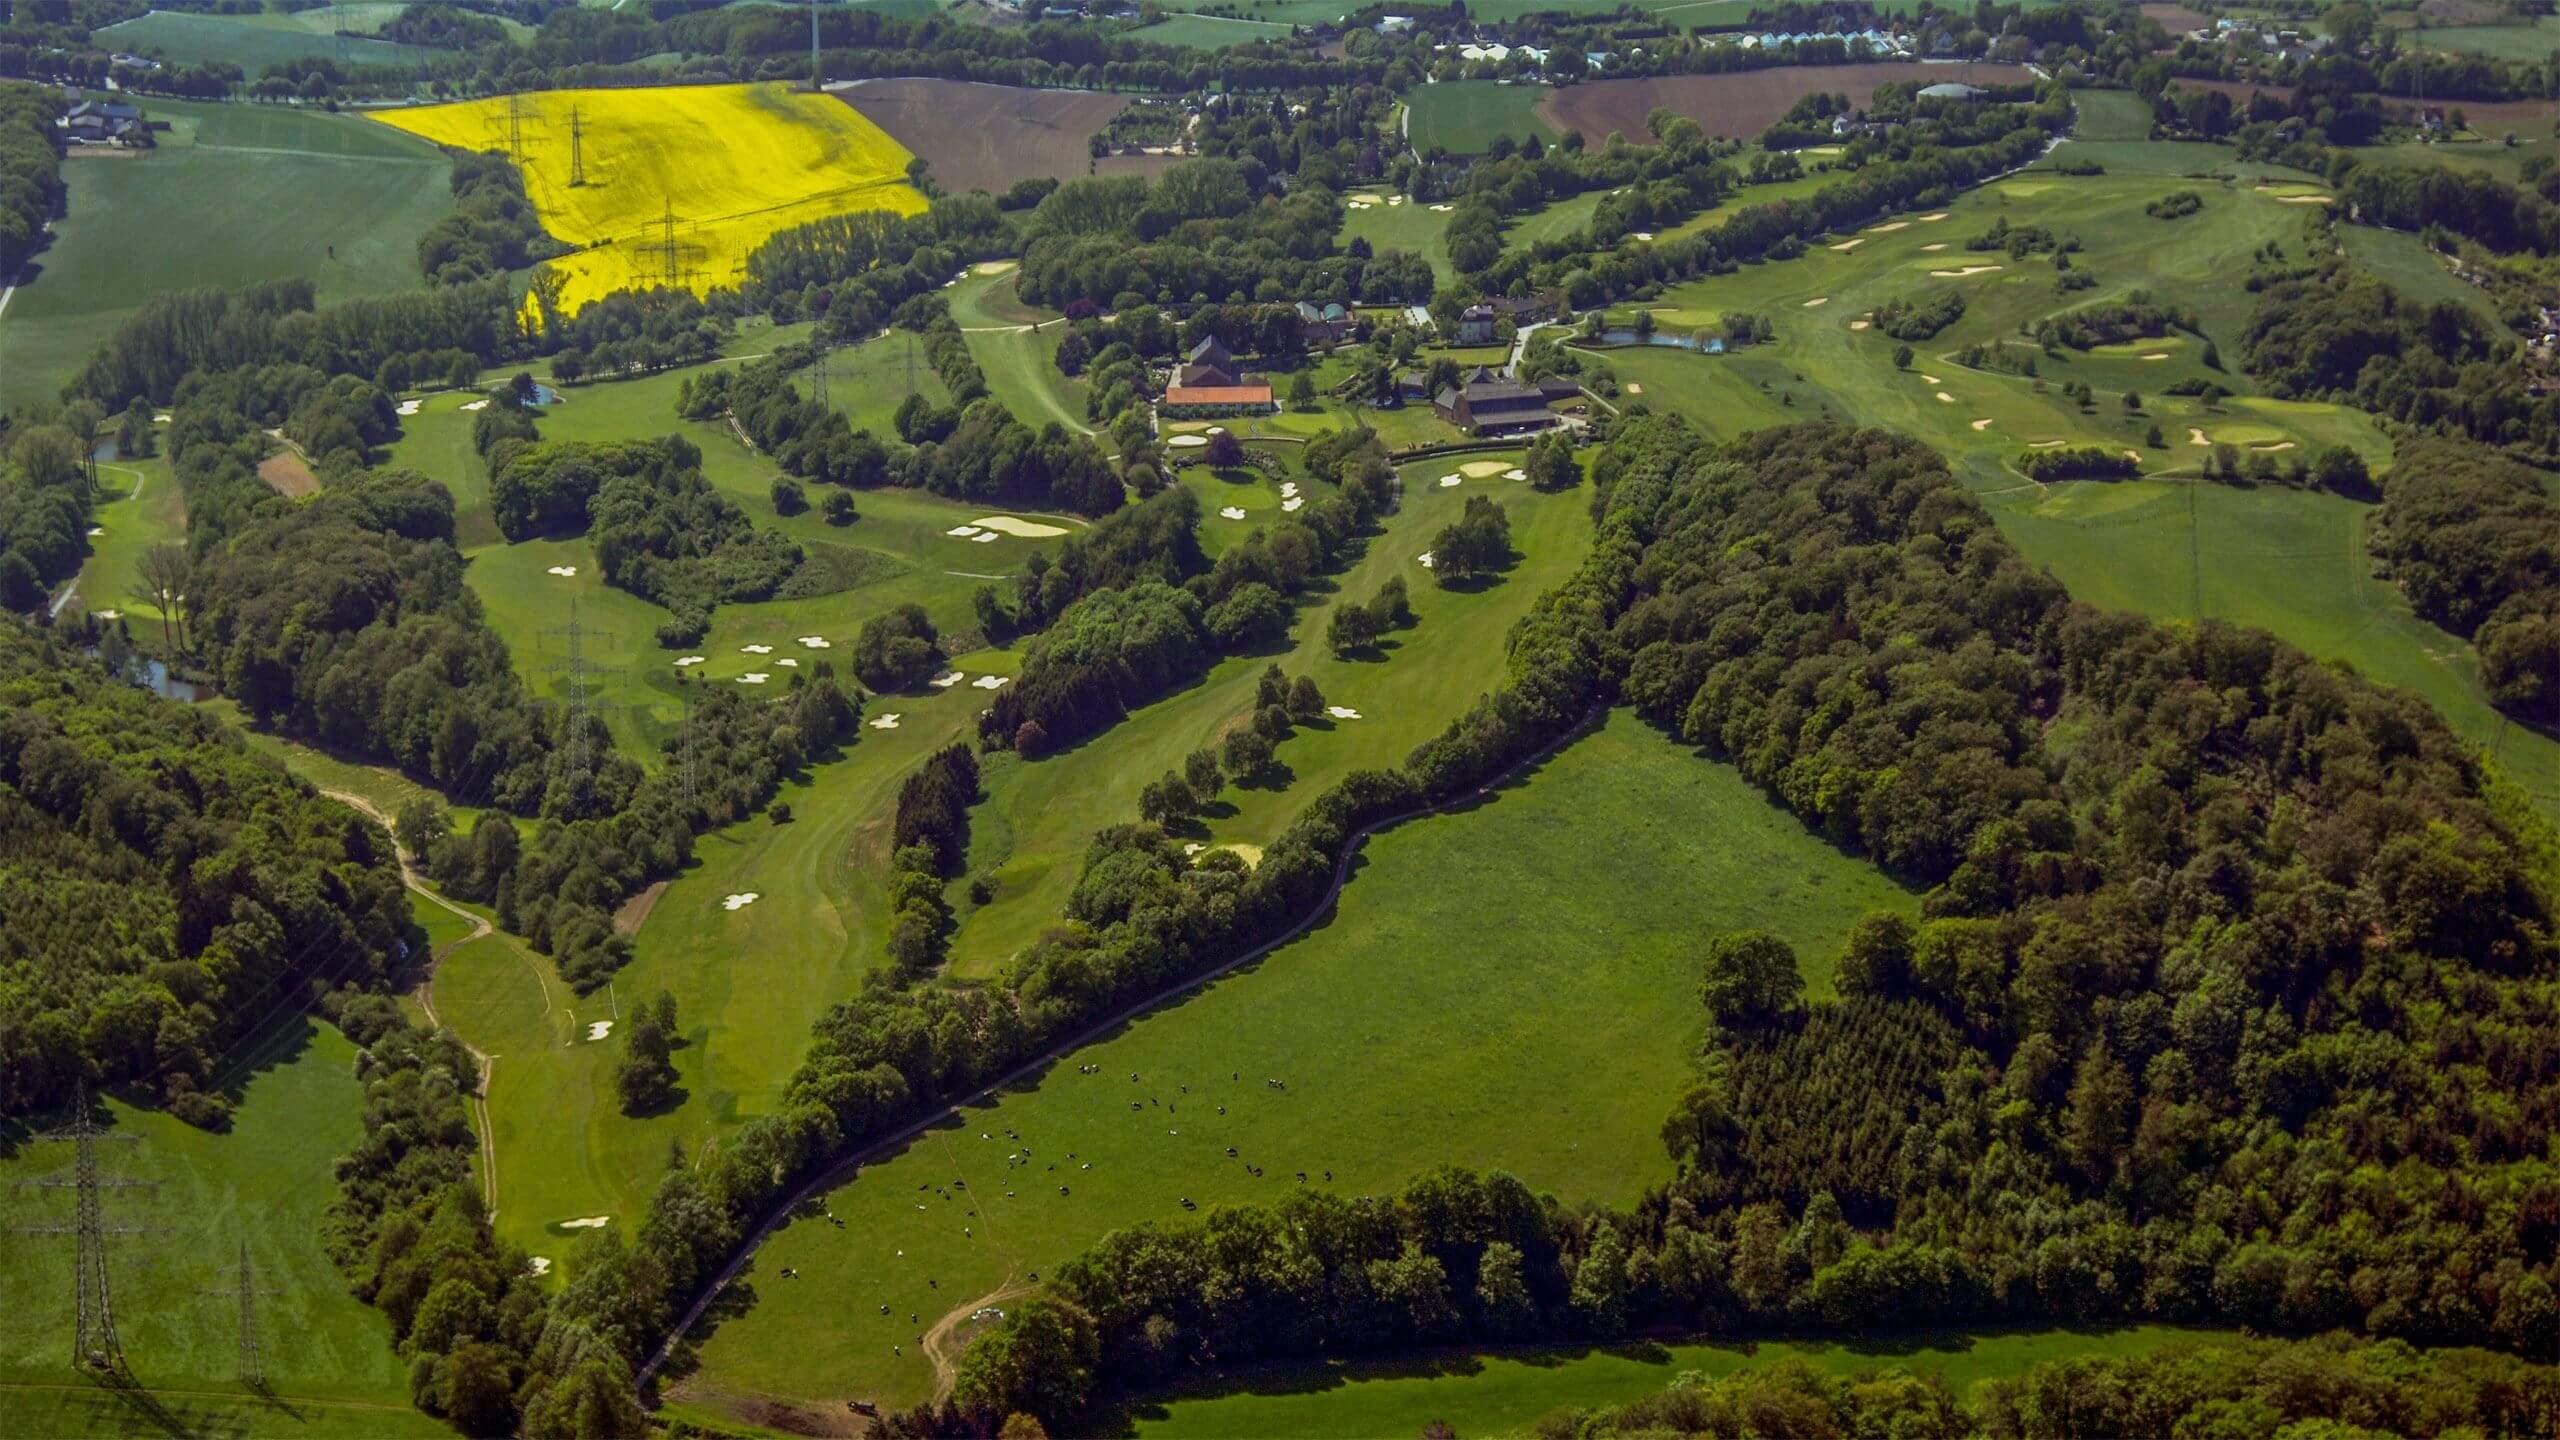 Golfen in Essen – Luftbild vom Golfplatz des Golfclubs Essen-Heidhausen